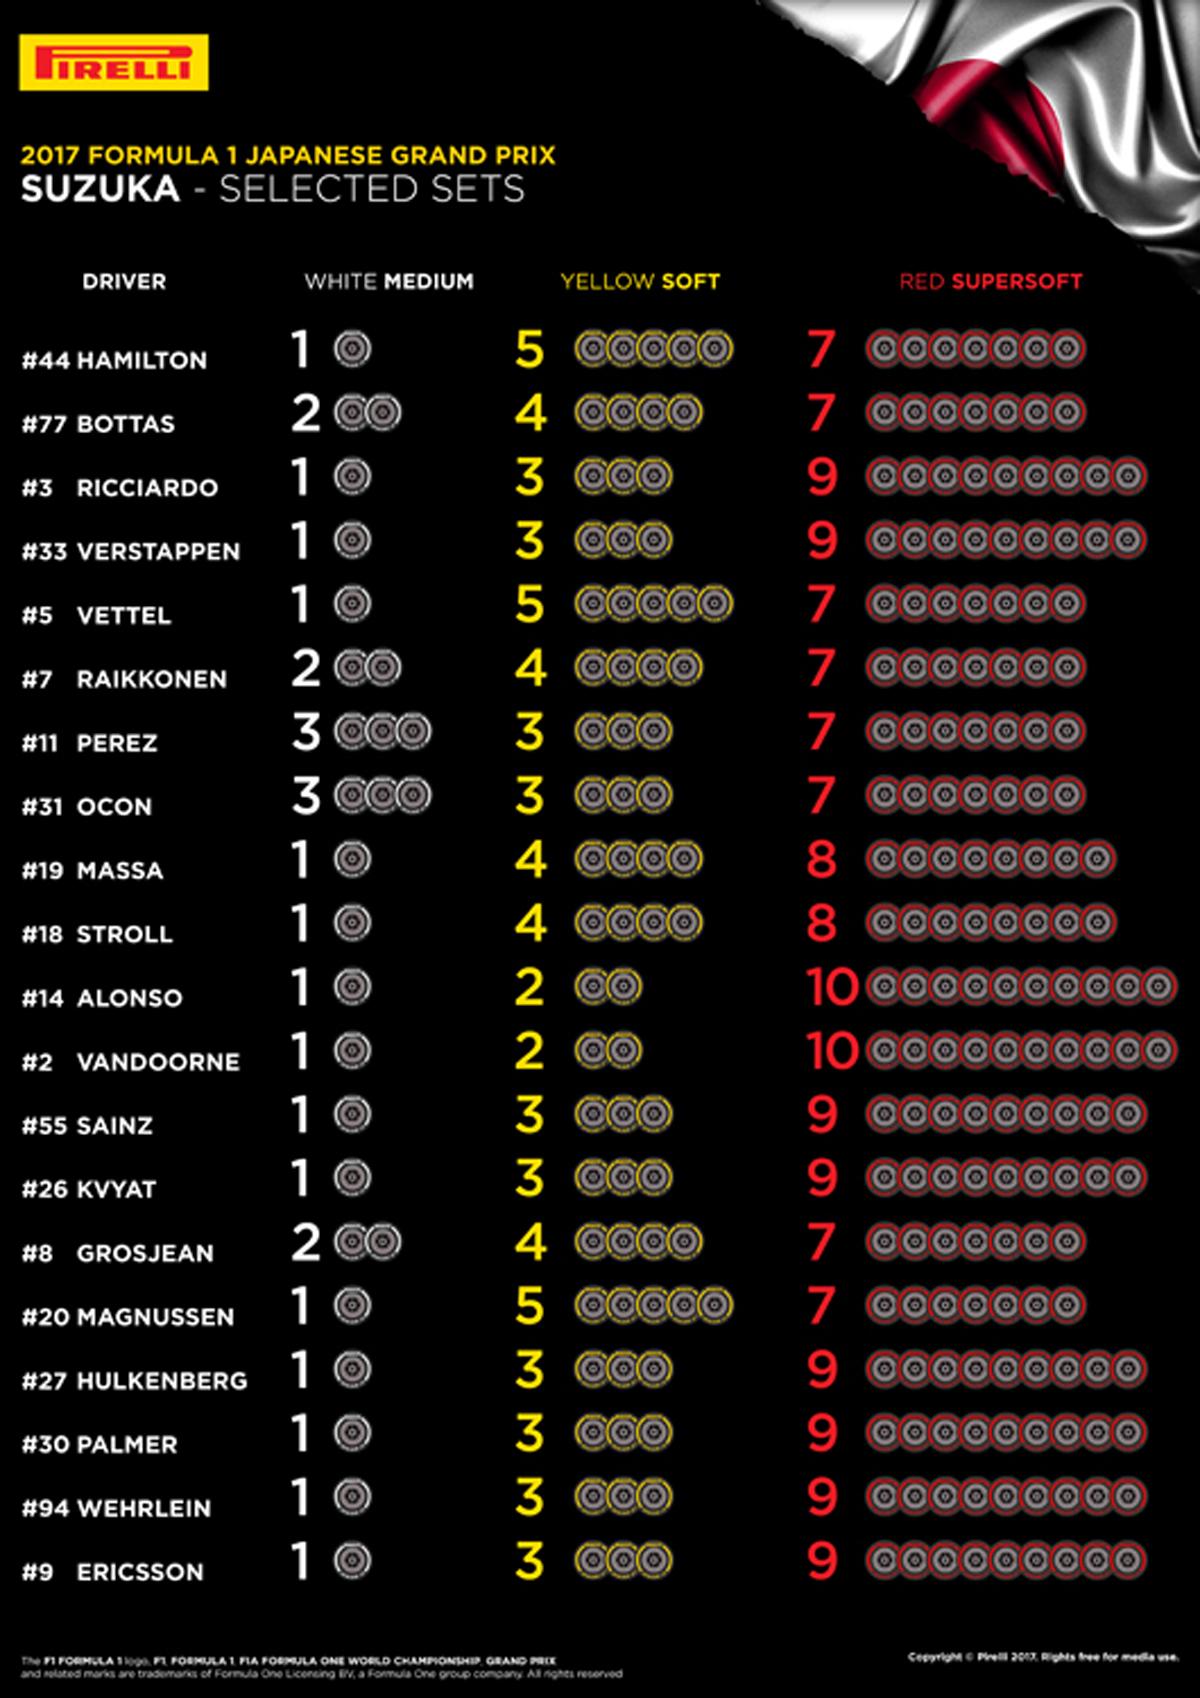 F1日本グランプリ 鈴鹿サーキット タイヤ選択